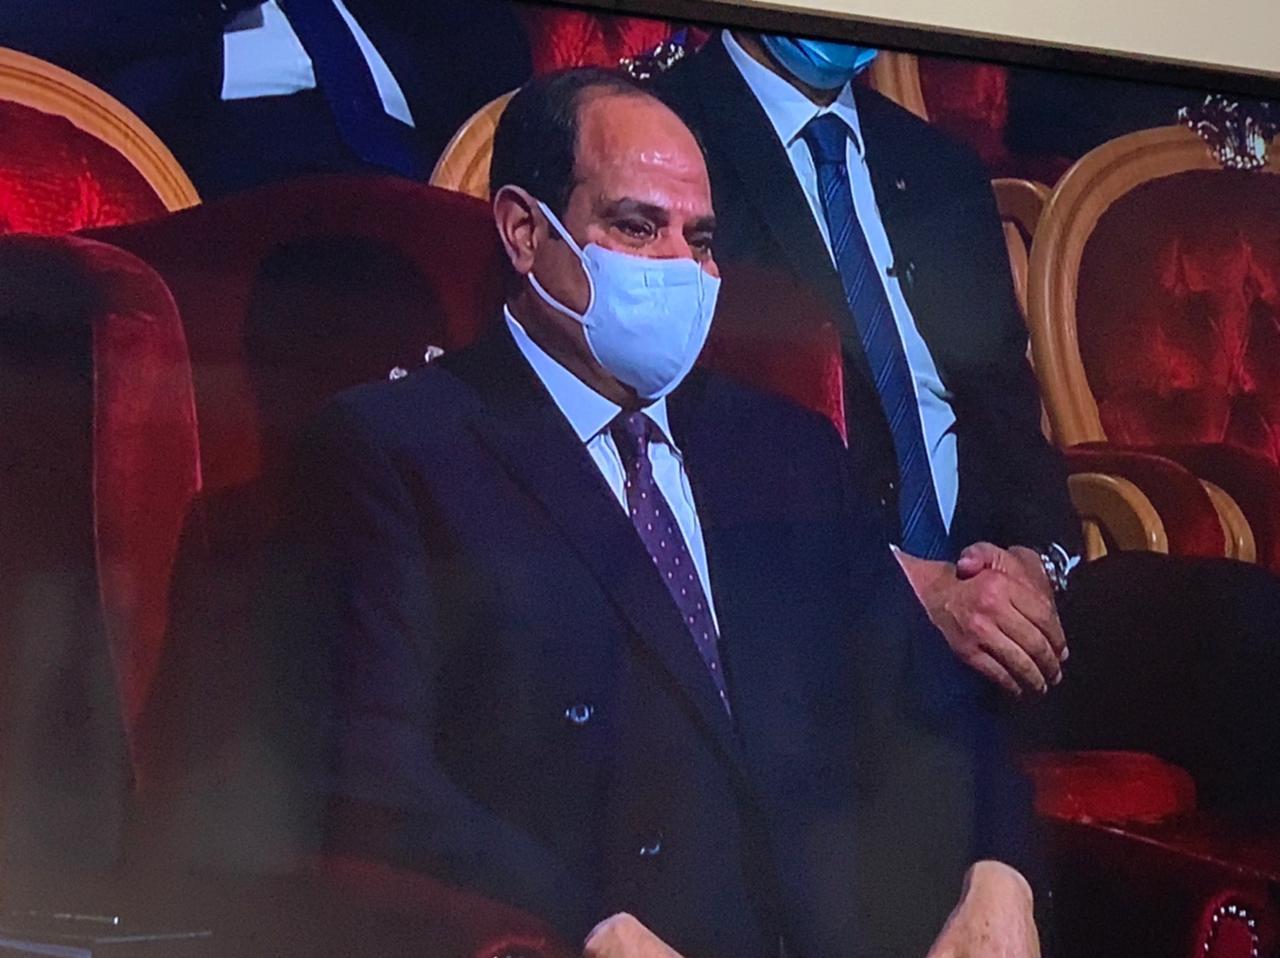 شاهد بالصور.. لحظة بكاء الرئيس السيسي اليوم وتأثره أثناء كلمة الرائد صلاح الحسيني